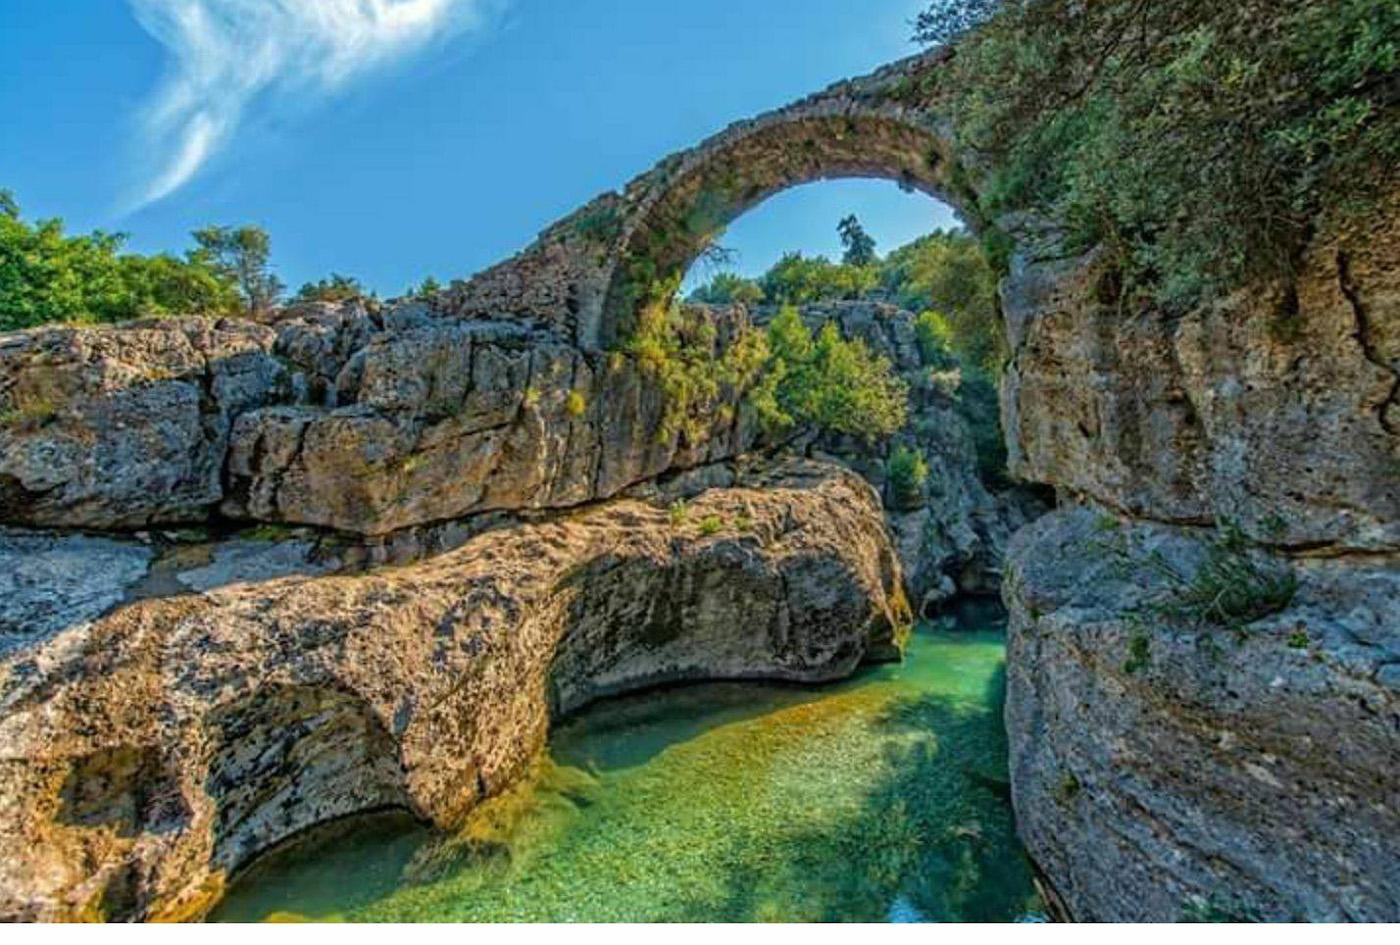 Фотография 23 Так выглядит старинный мост Бюгрюм Кёпрю (Büğrüm Köprü Kanyonu) в национальном парке «Каньон Кёпрюлю» в провинции Анталия. Какие интересные места посмотреть на отдыхе в Турции?